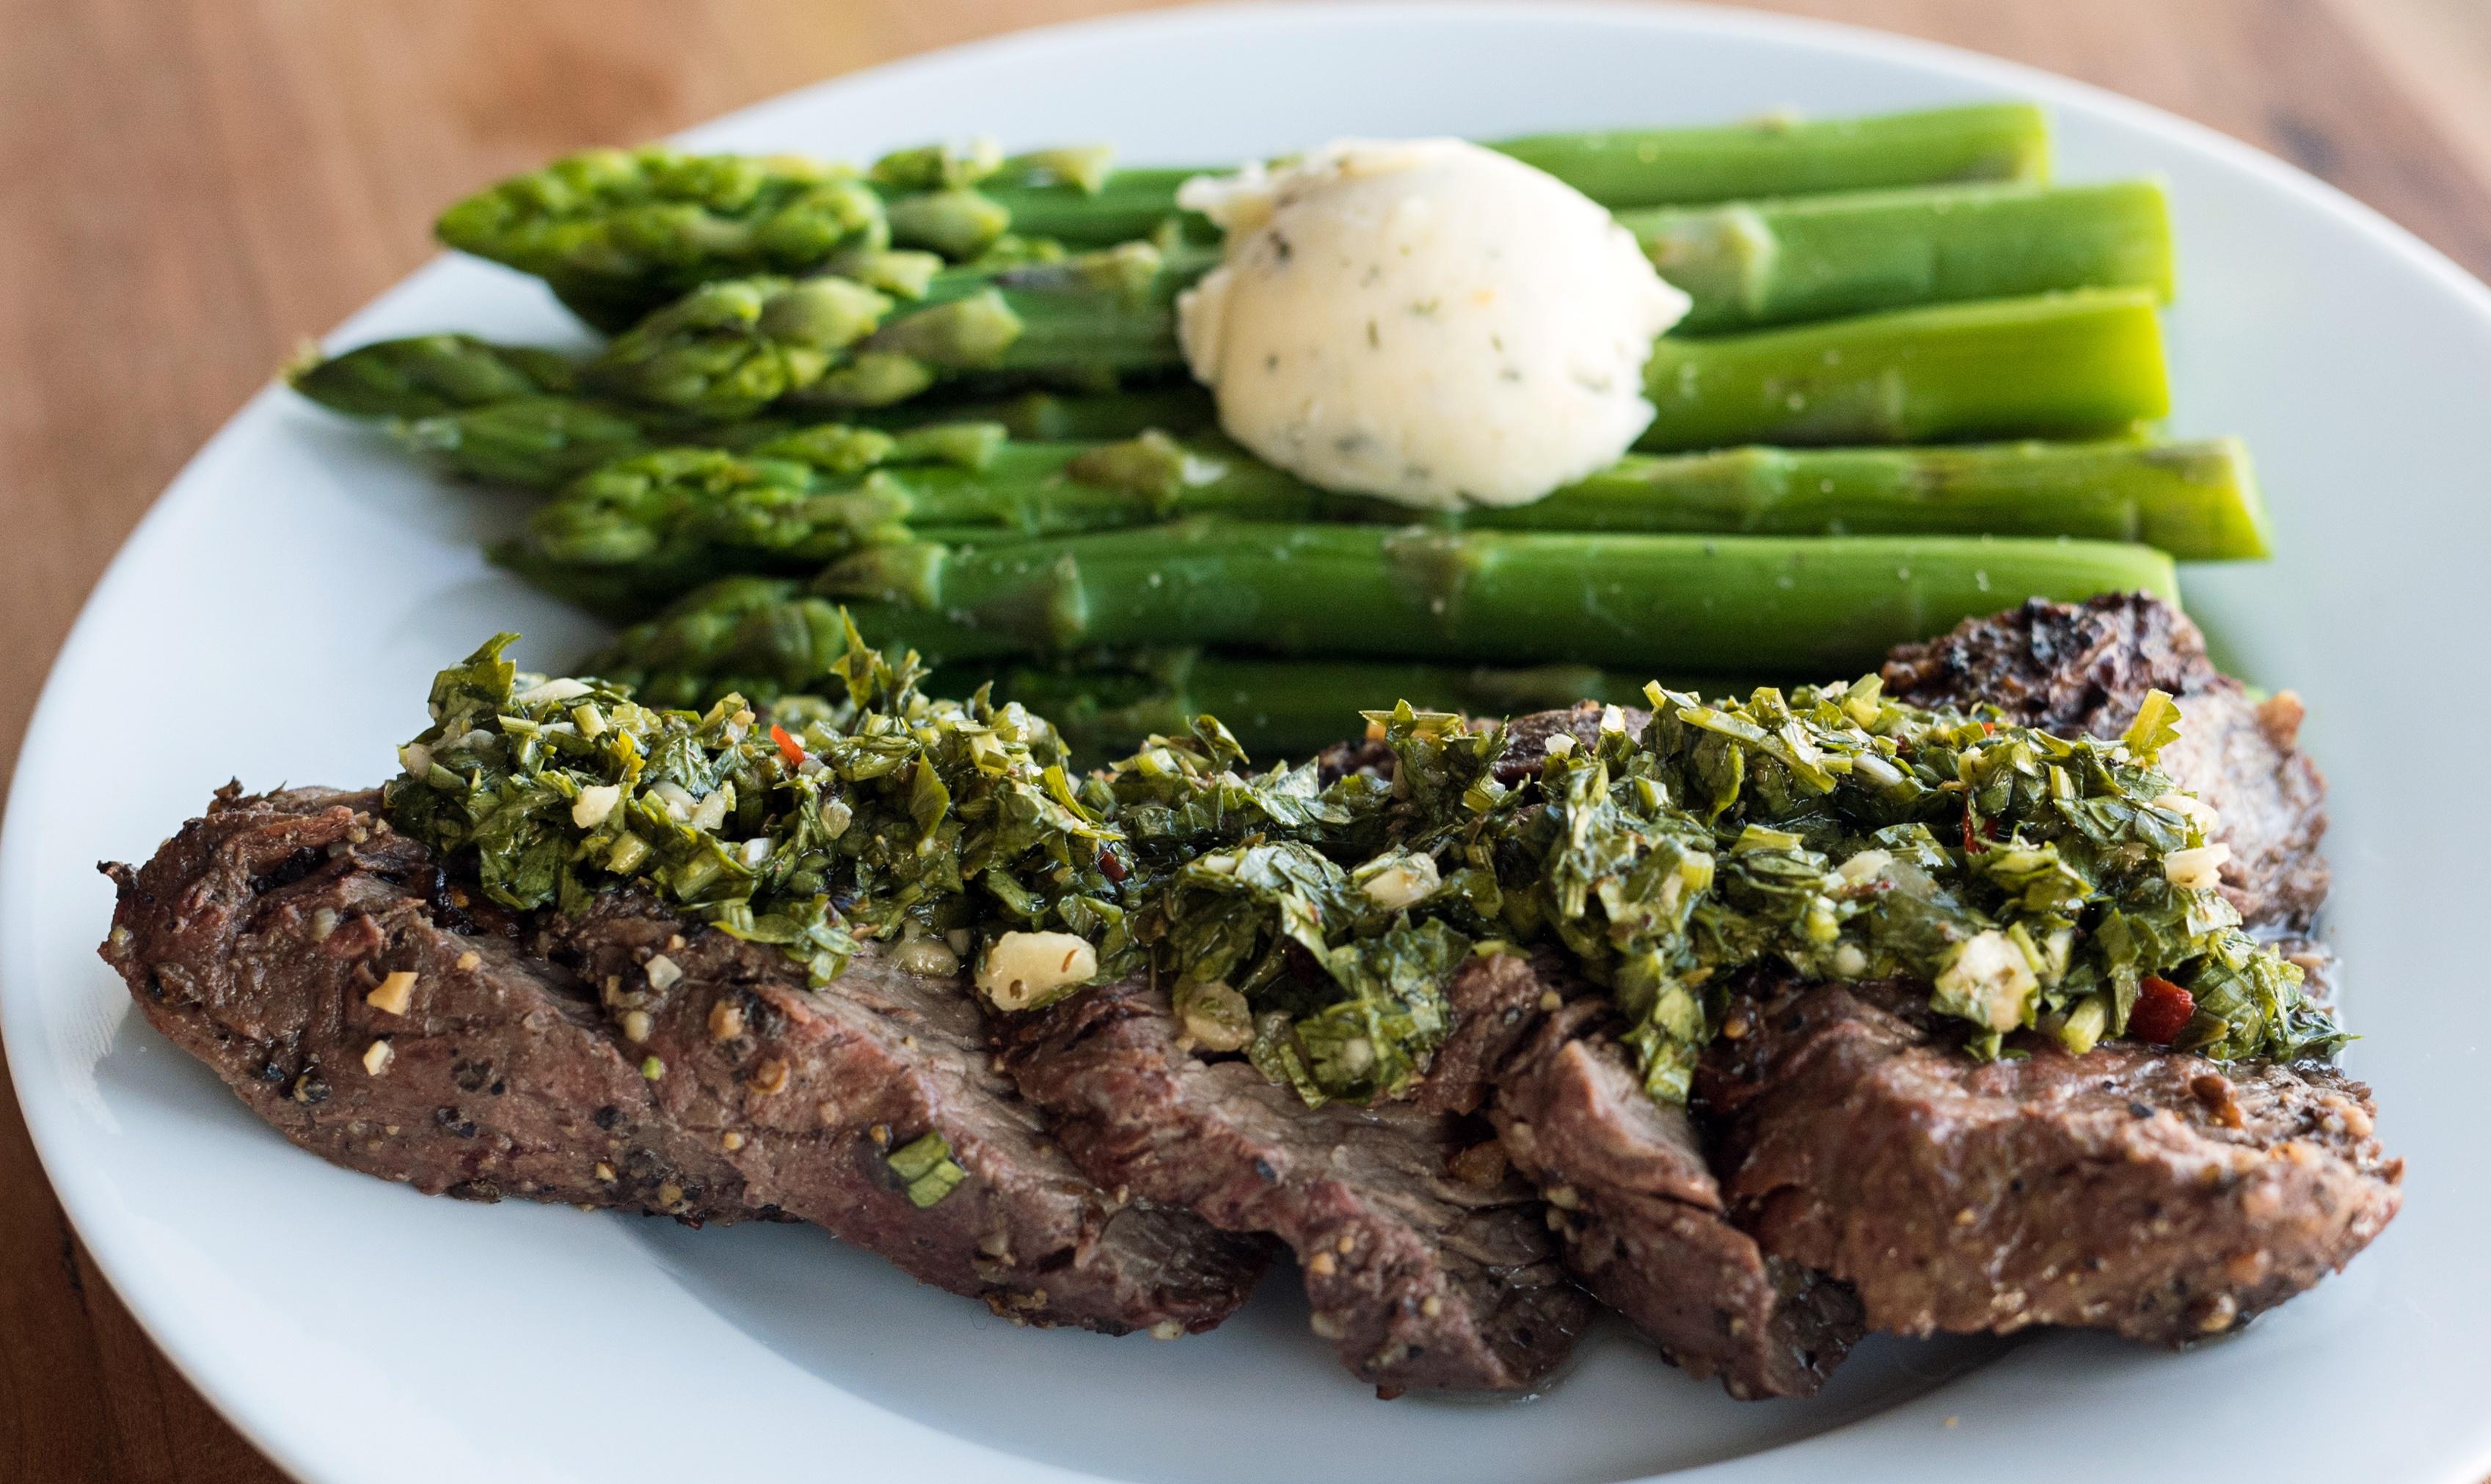 Chimichurri Steak Plated-EDITED-2.jpg